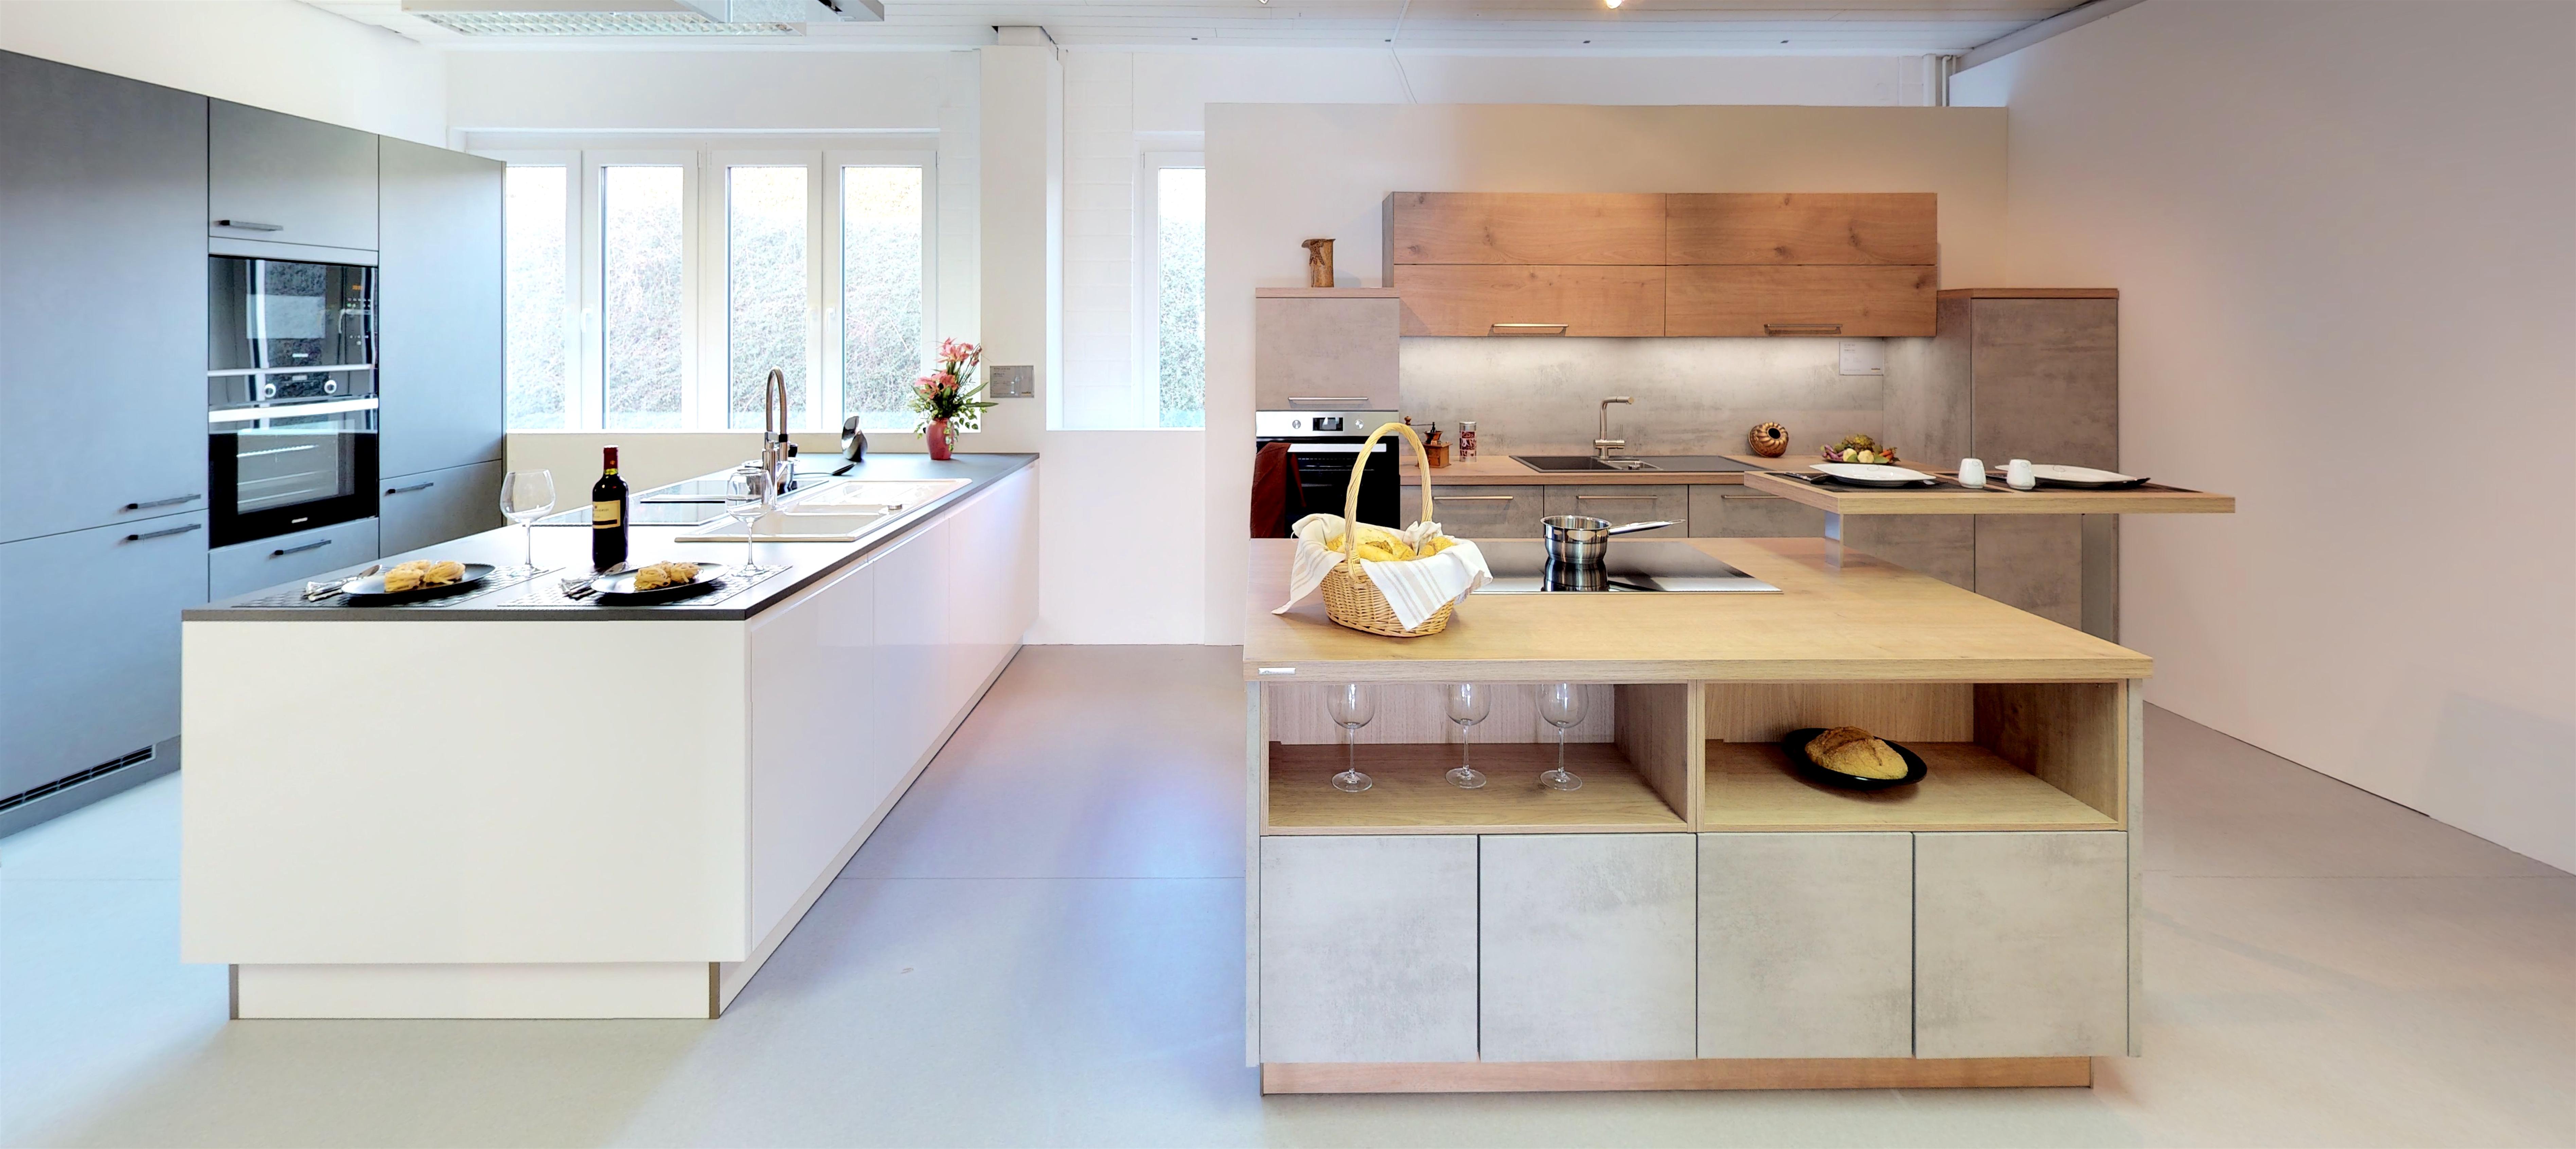 Kuchen-Studio-Herborn-Kitchen Kopie